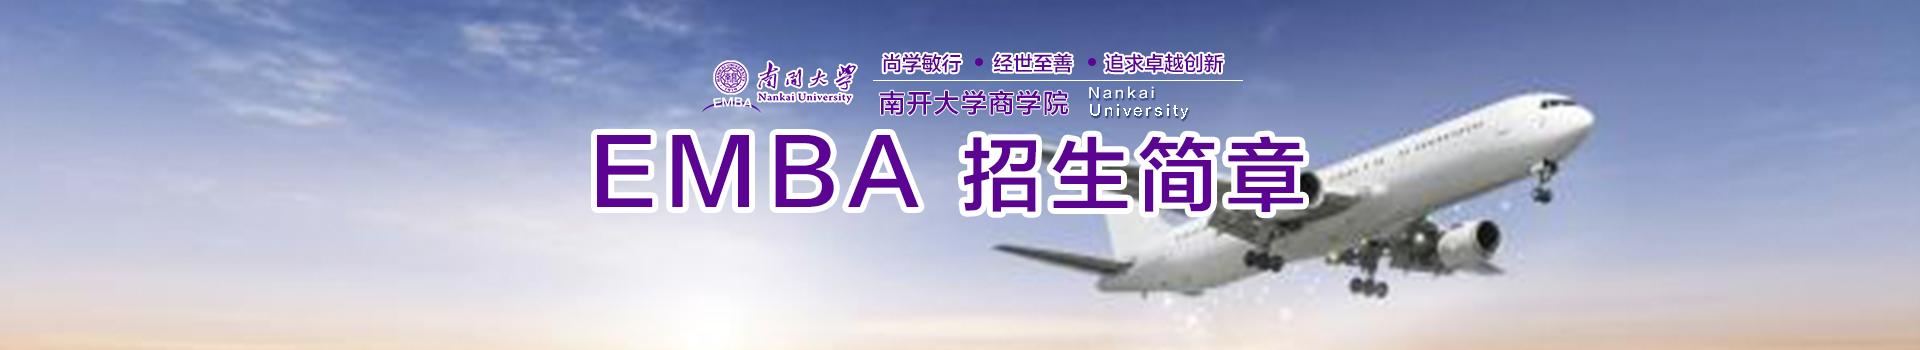 南开大学经济学院高级工商管理硕士EMBA招生简章